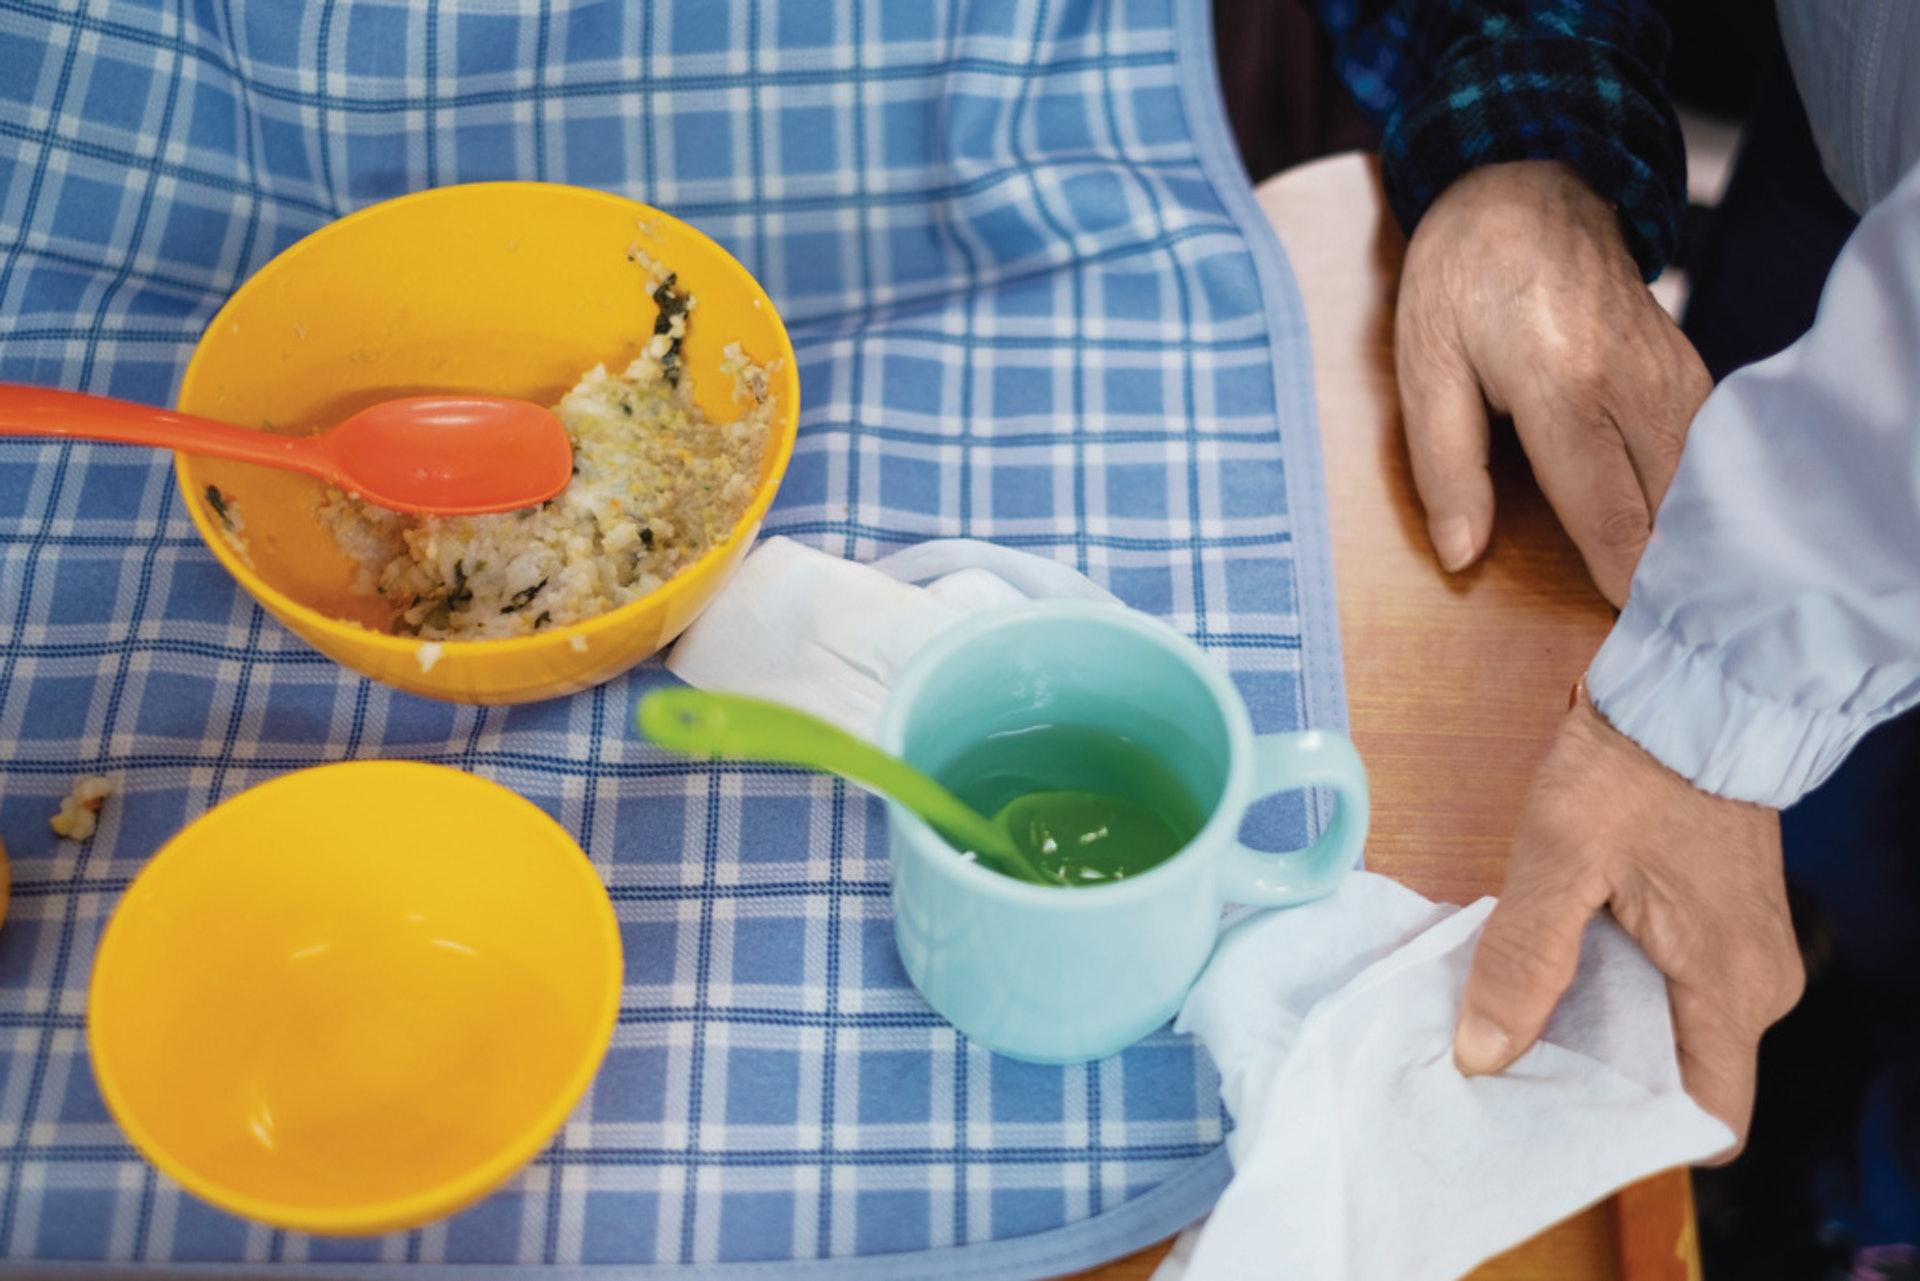 即使吞嚥困難,老人的膳食還有沒有可能更貼近日常口味?(資料圖片)